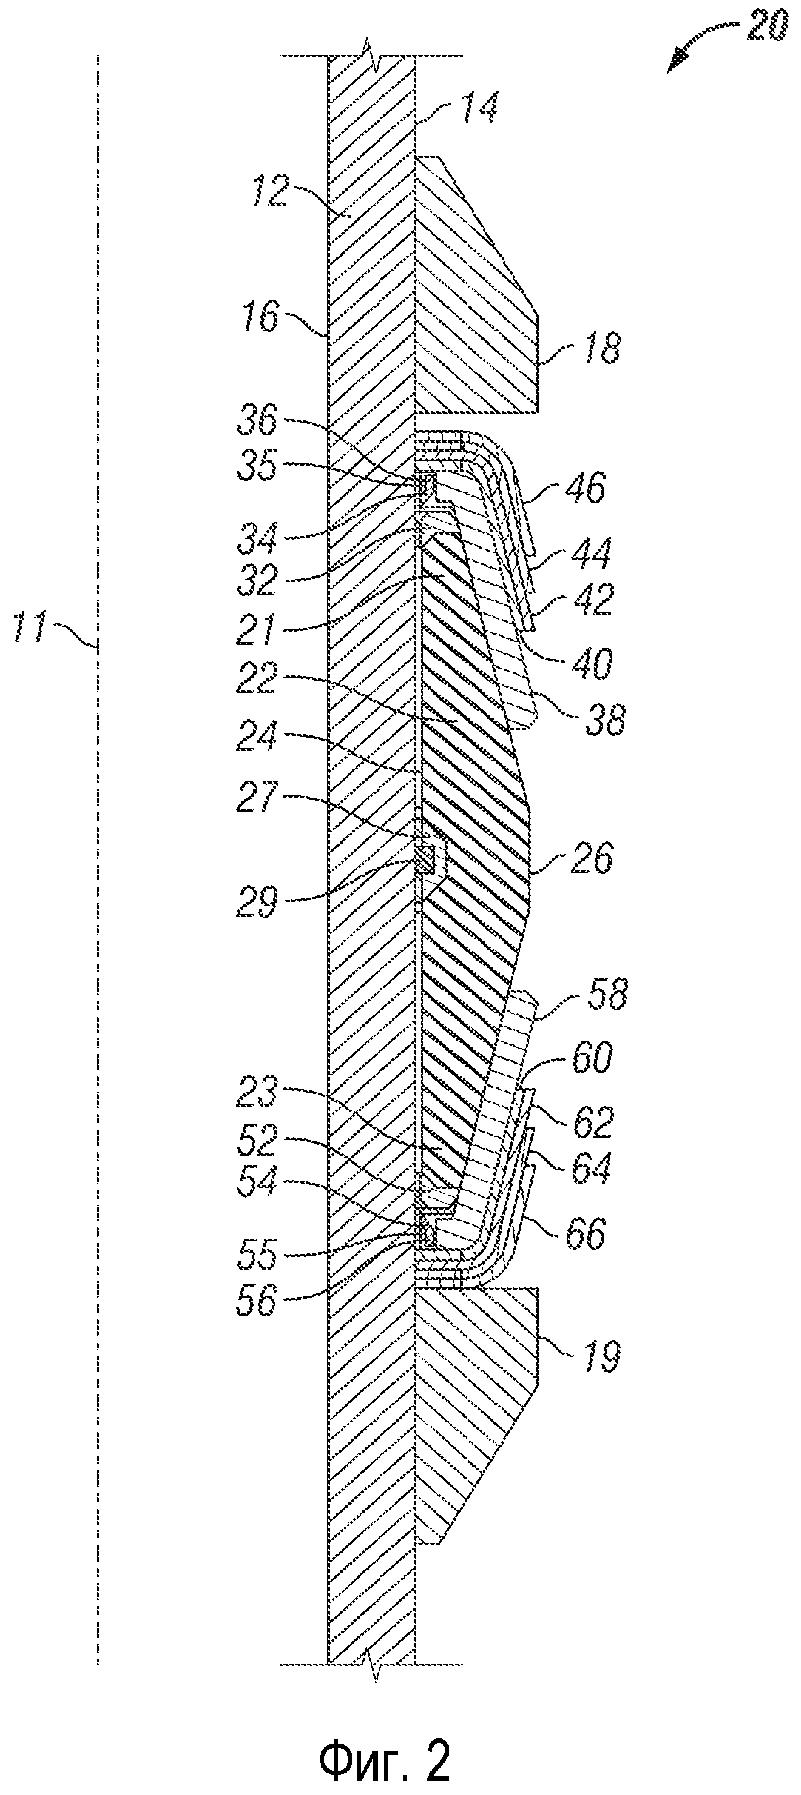 Система поддержки герметизирующего элемента